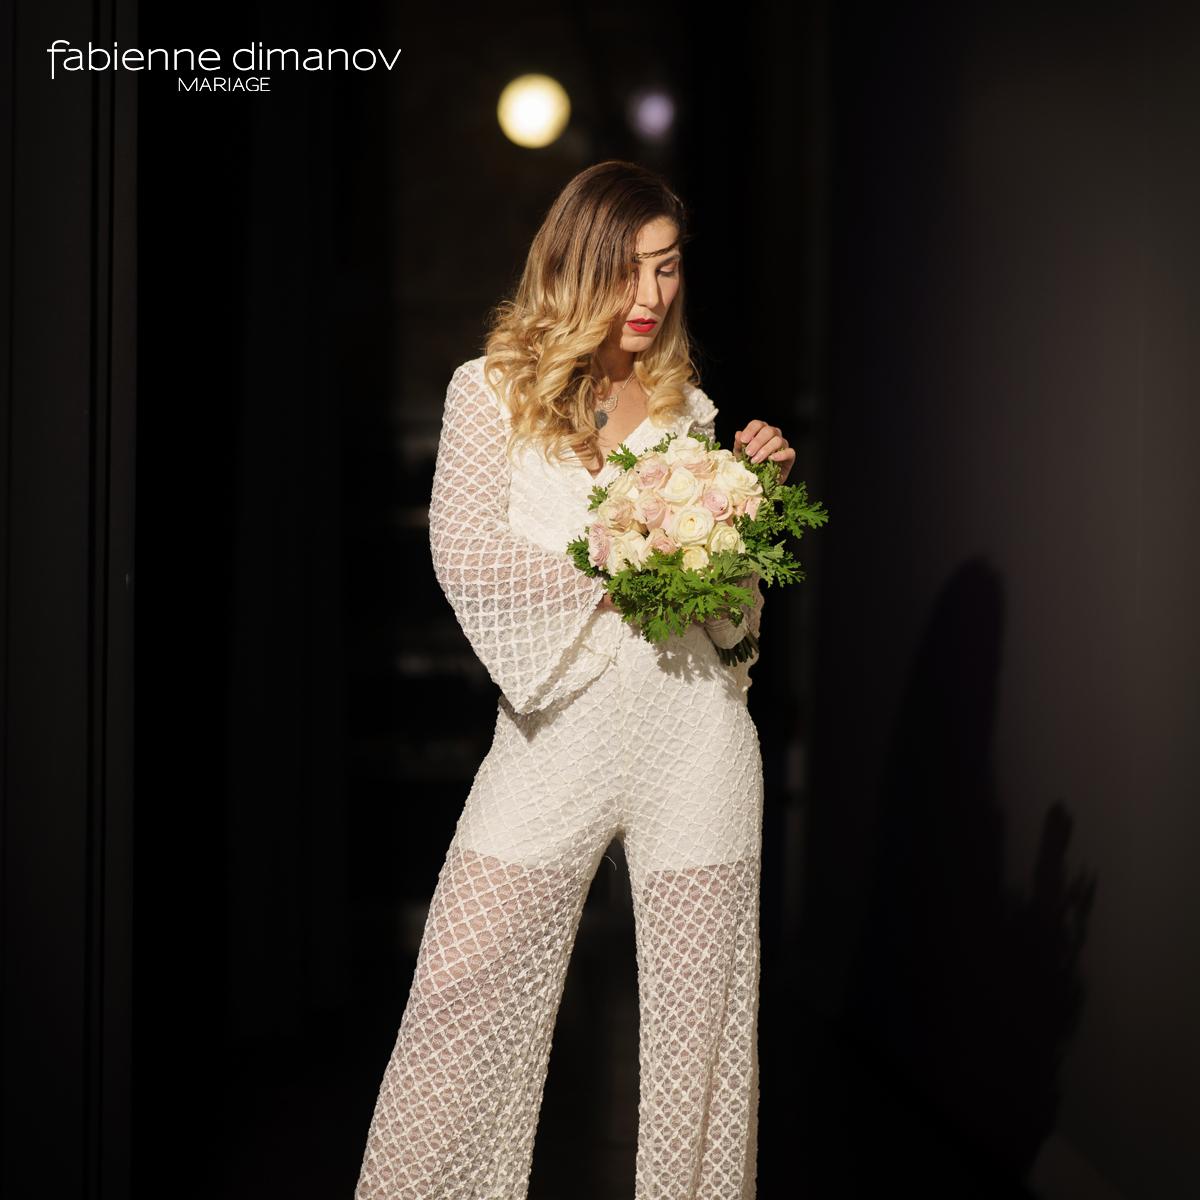 Accroche-cœur - D'amour & D'amitié - Fabienne Dimanov Mariage